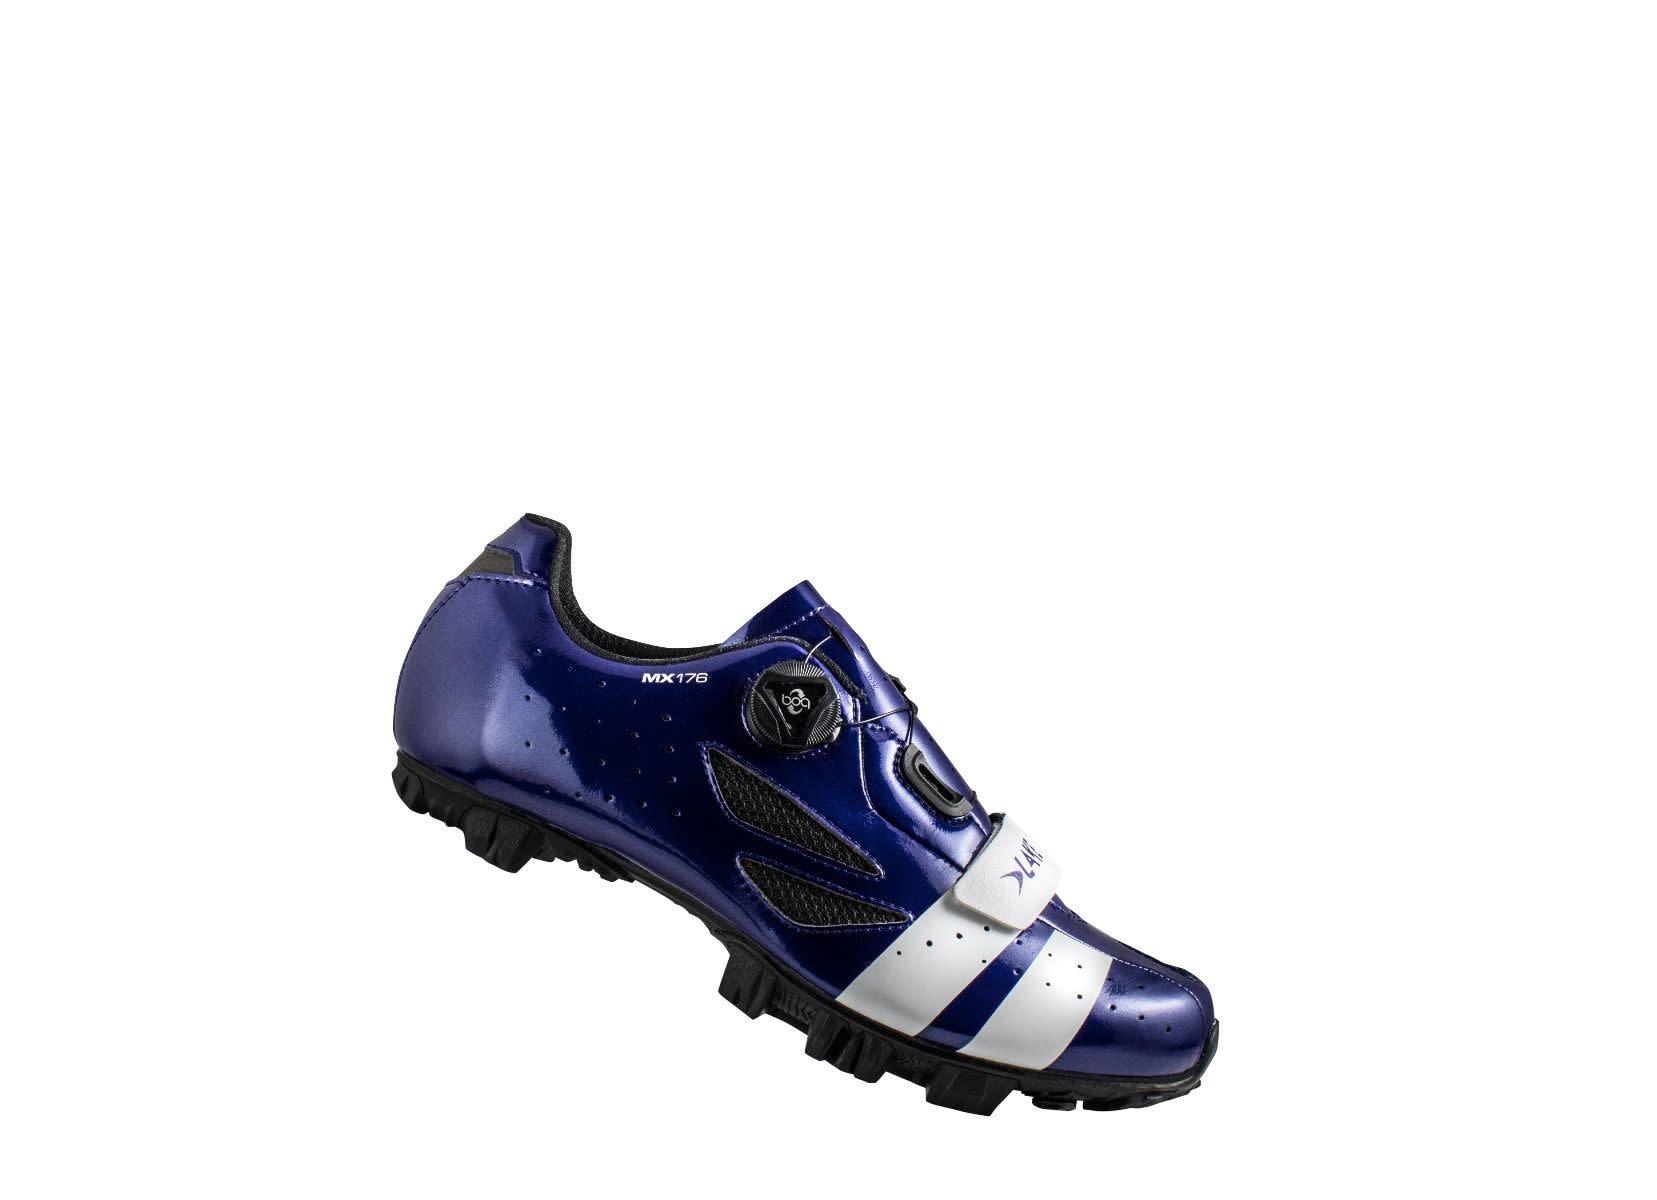 LAKE Lake CX176 Navy Blue/White 44 Cycling Shoes